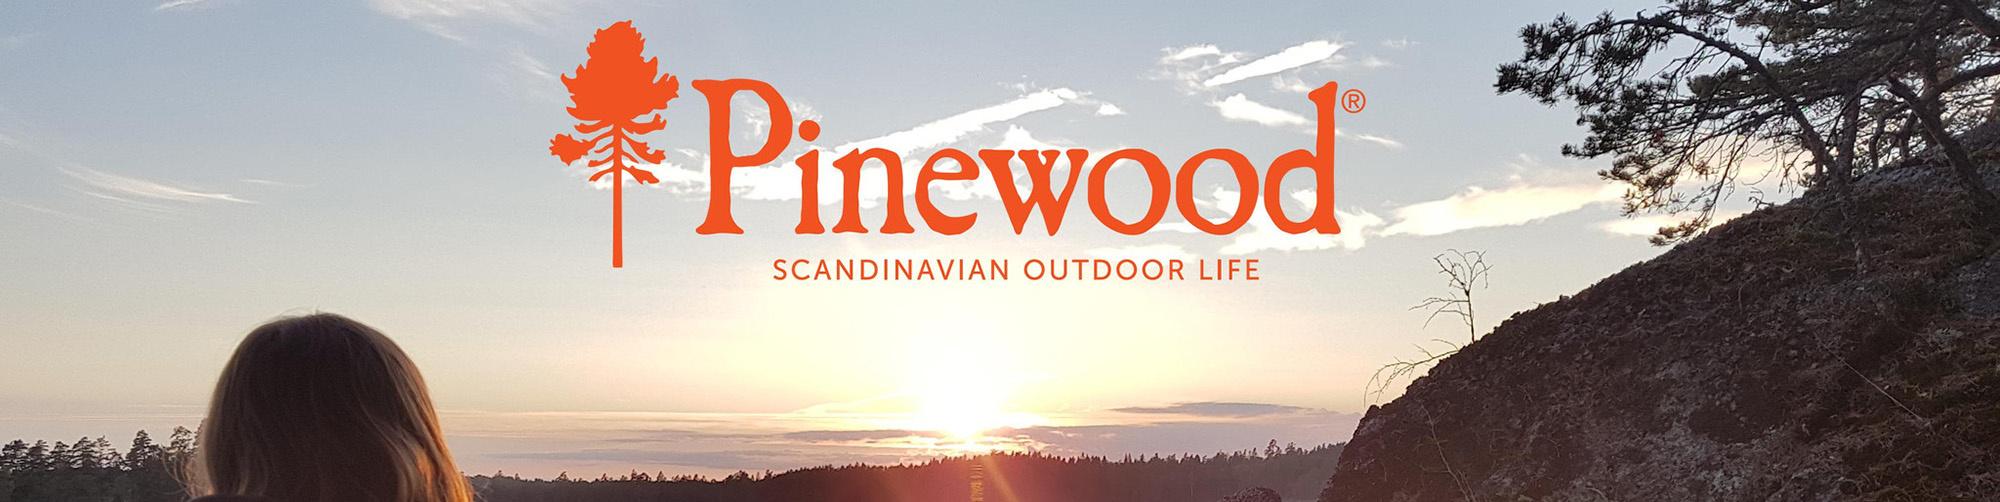 Woutlander.nl - dé groenere outdoorwebwinkel voor Pinewood Outdoor, Savotta, Tatonka en meer banner 1